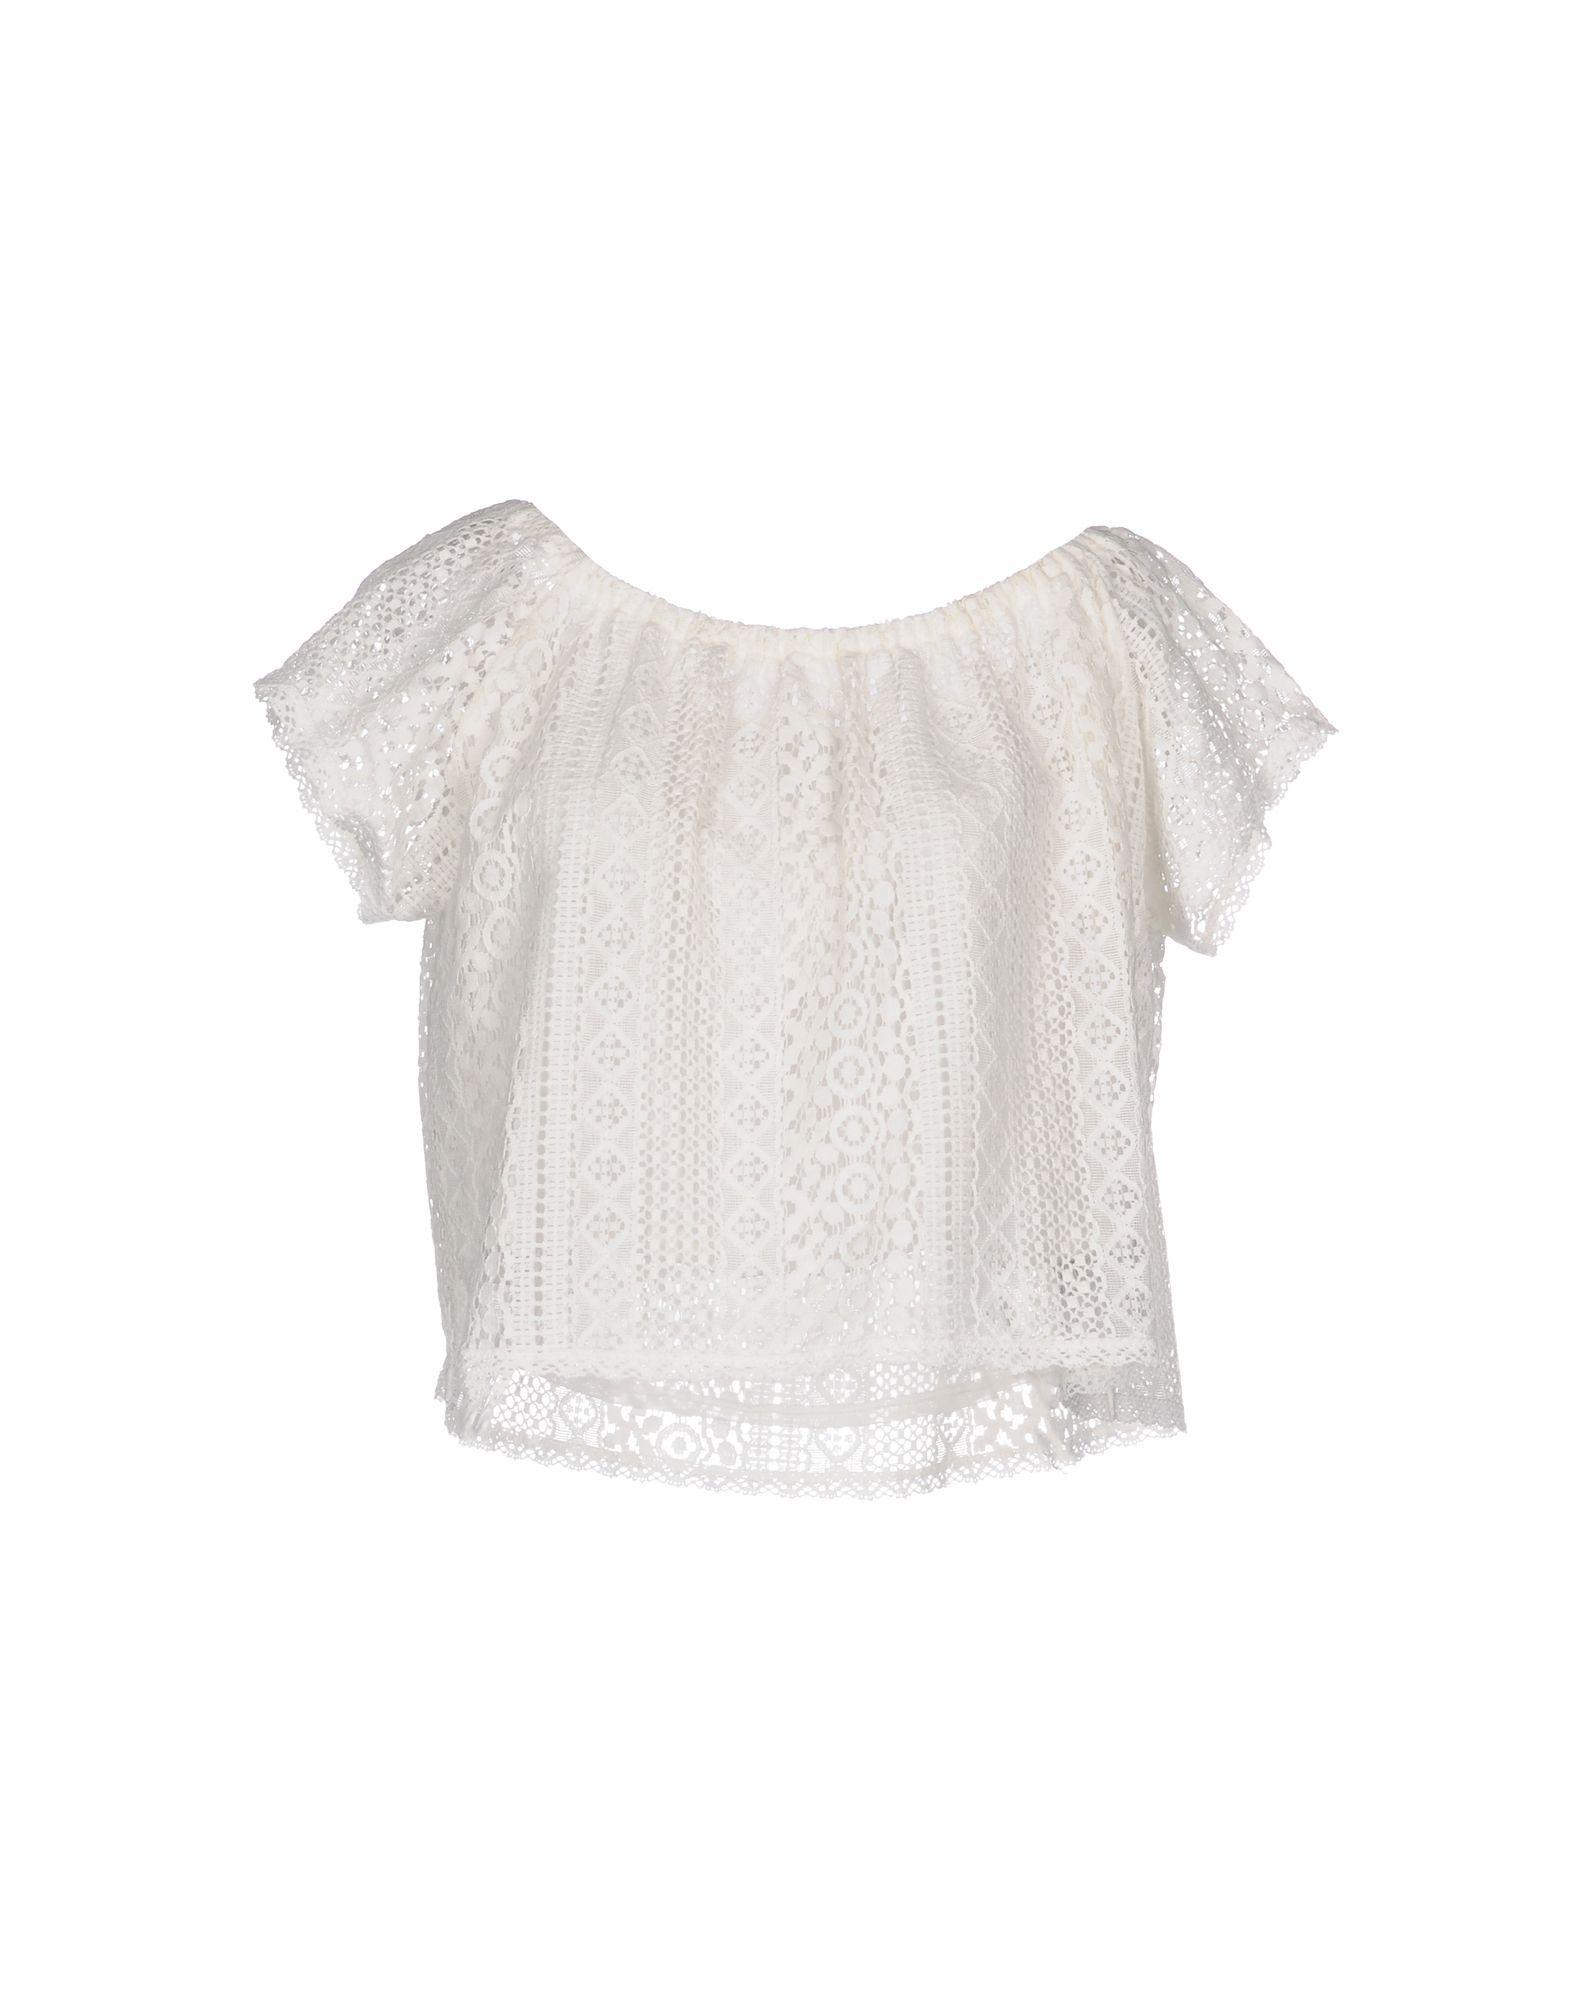 Vivis Ivory Lace Top